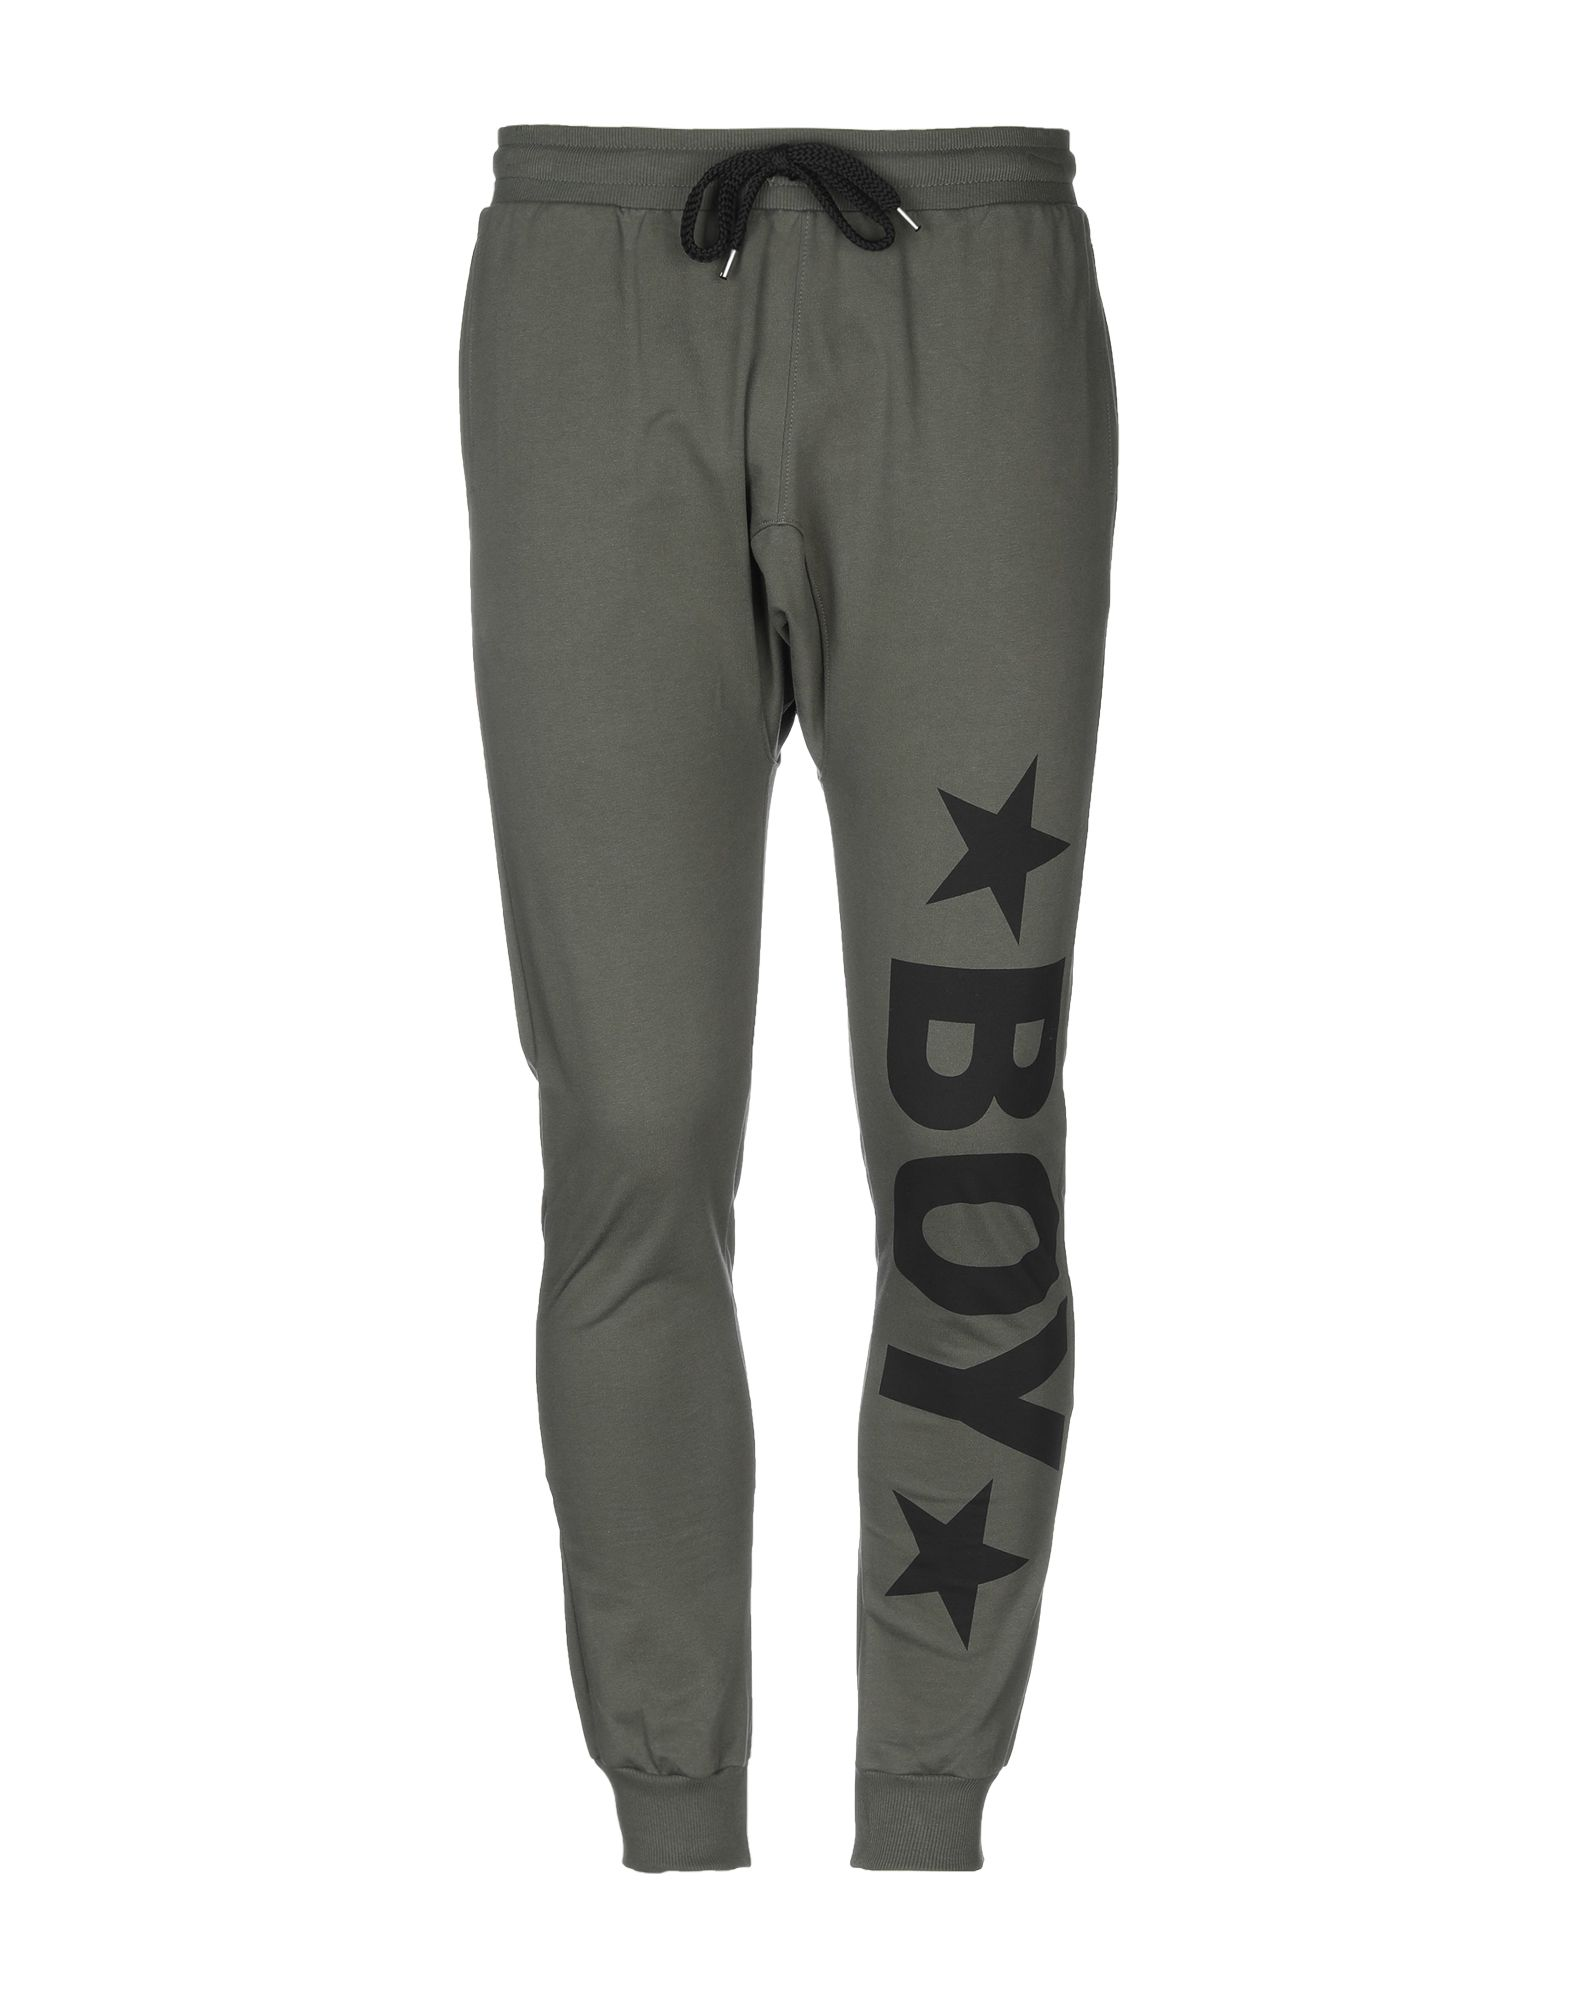 《送料無料》BOY LONDON メンズ パンツ ミリタリーグリーン S コットン 100%